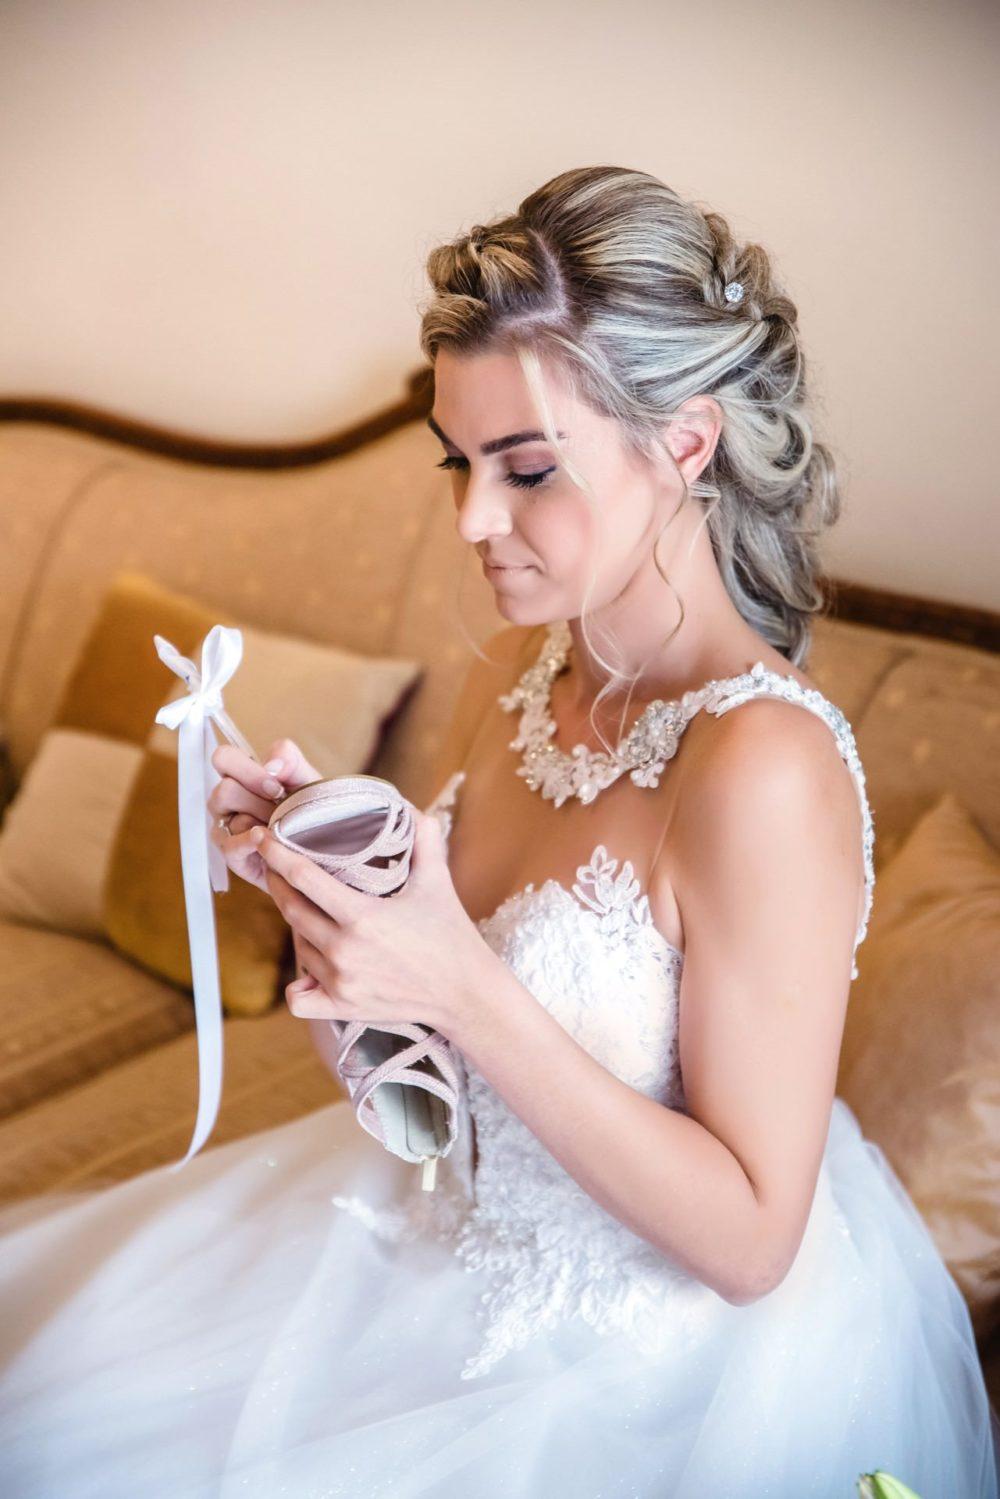 Fotografisi Gamou Wedding Gamos Fotografos Ilias & Dimitra034